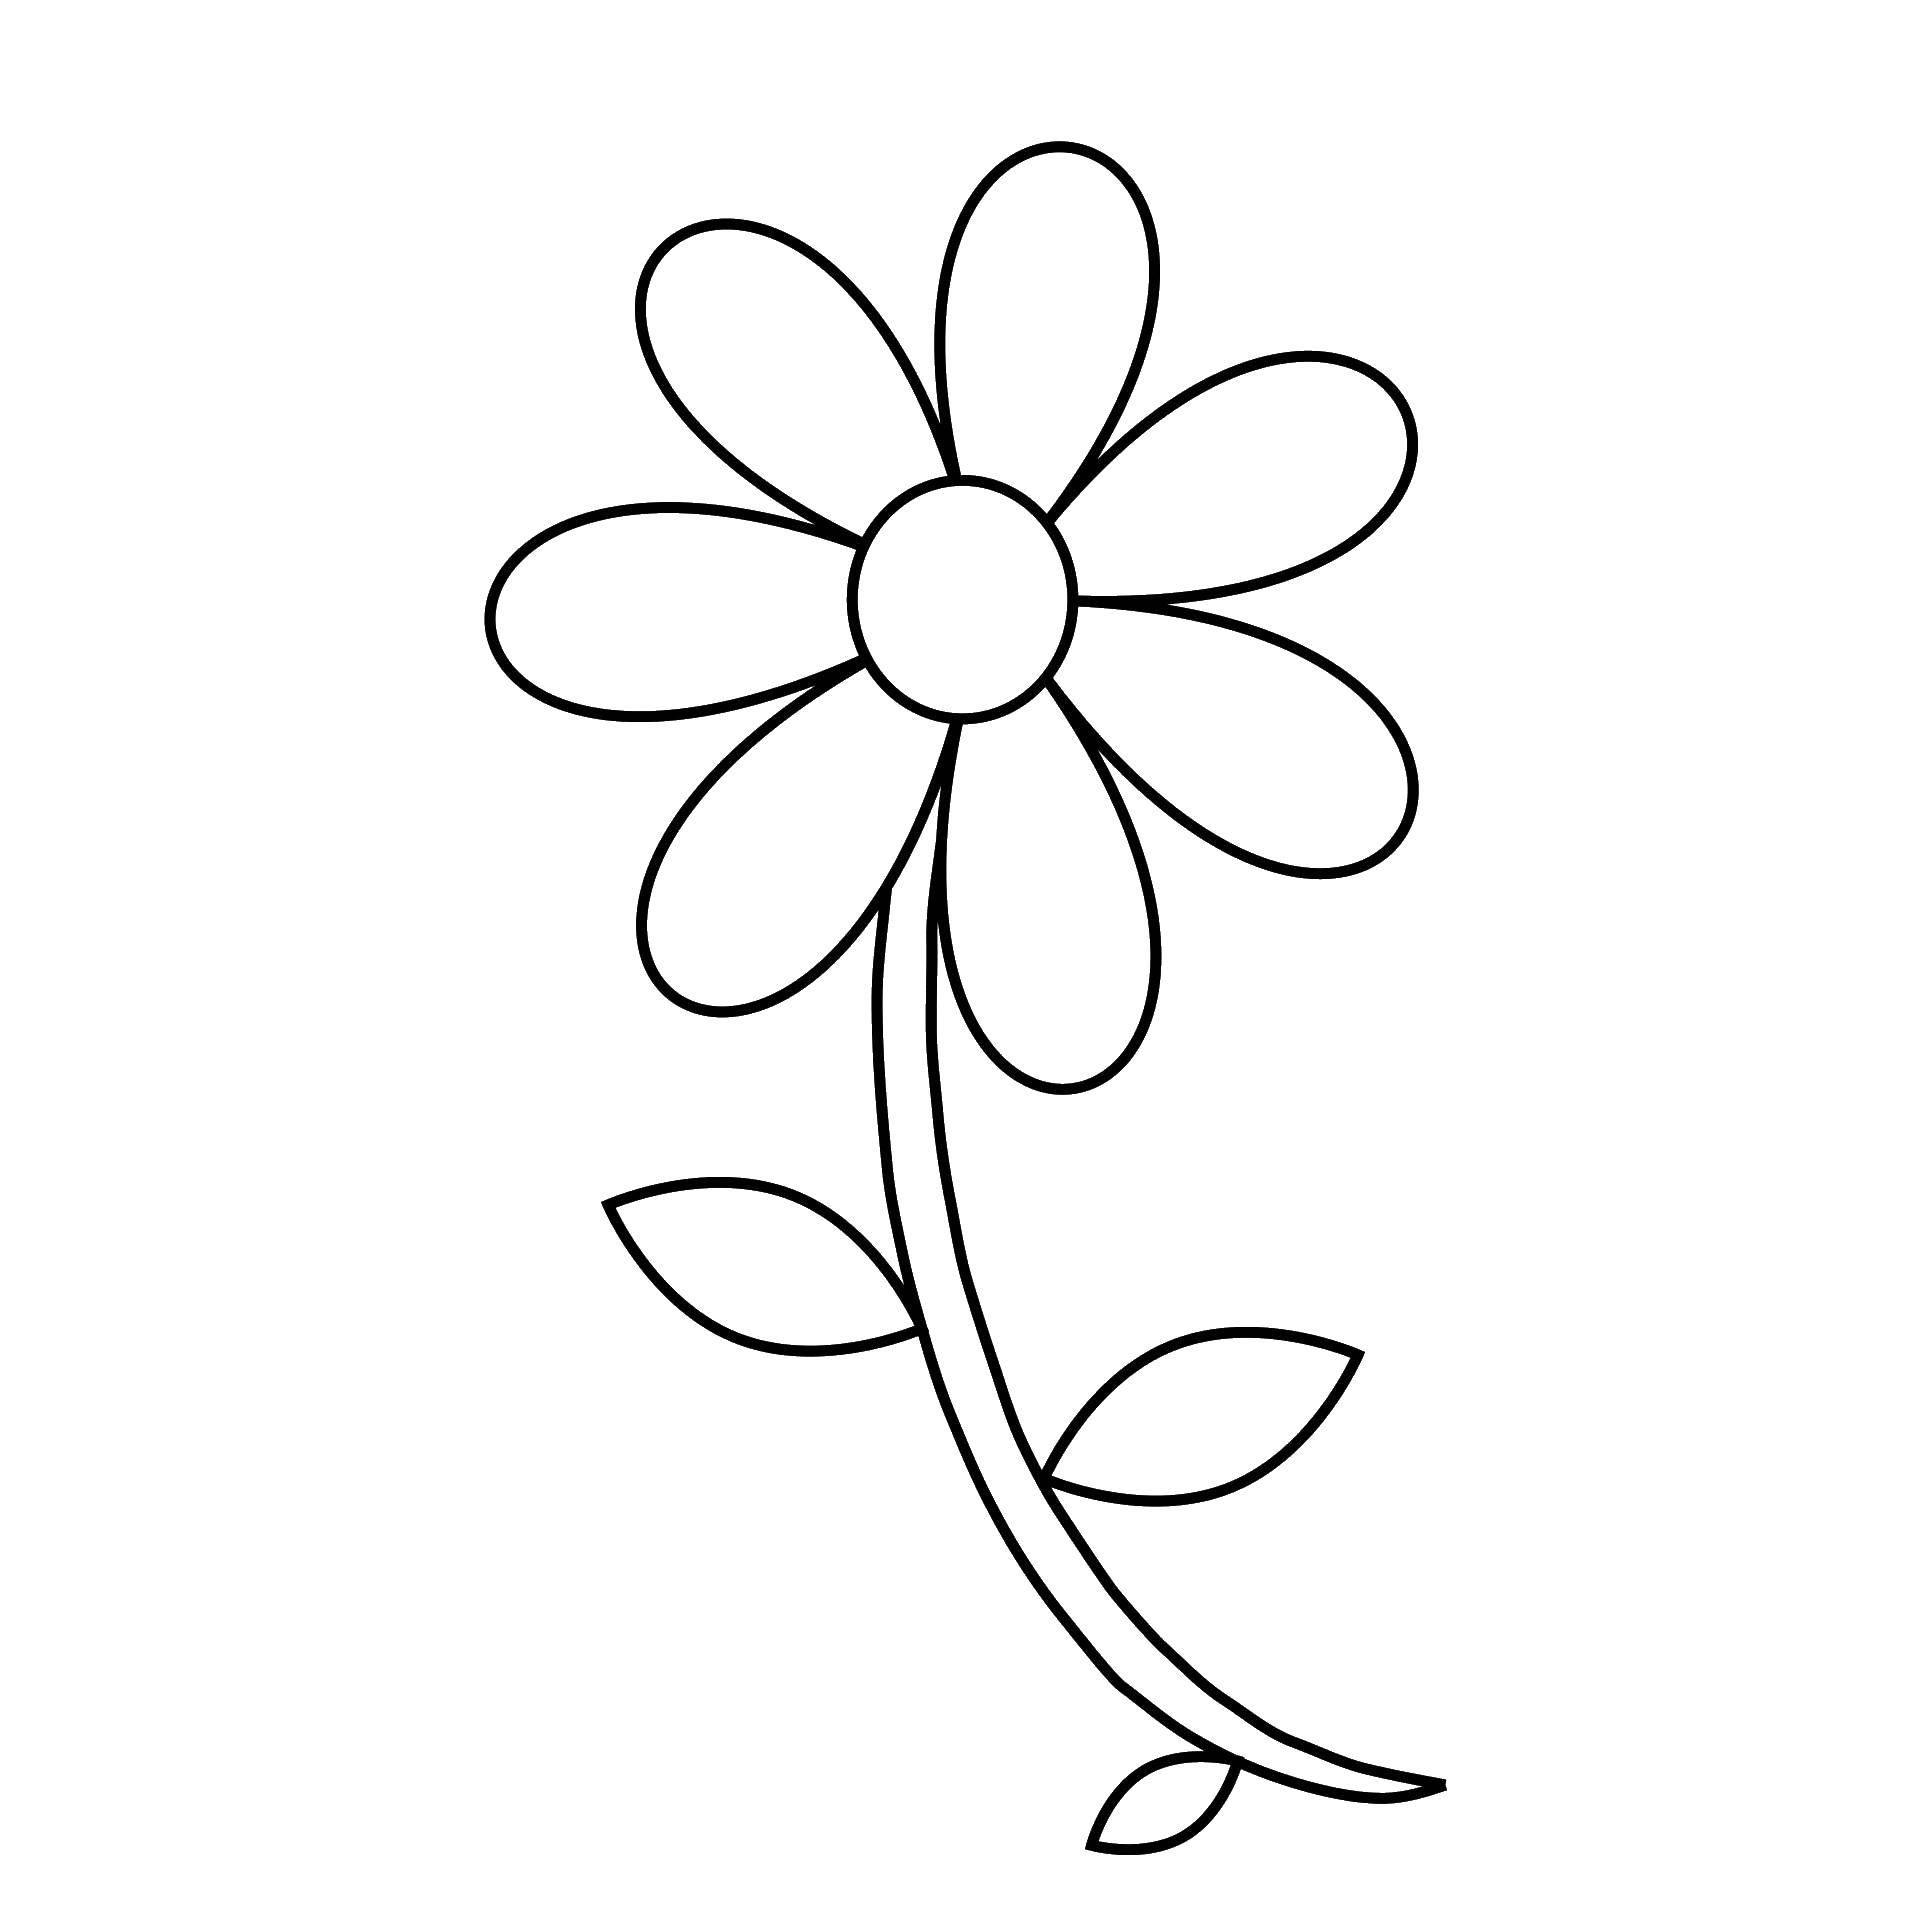 Раскраска Ромашка на стебельке Скачать ромашка, стебель, листья.  Распечатать ,Контуры цветка для вырезания,